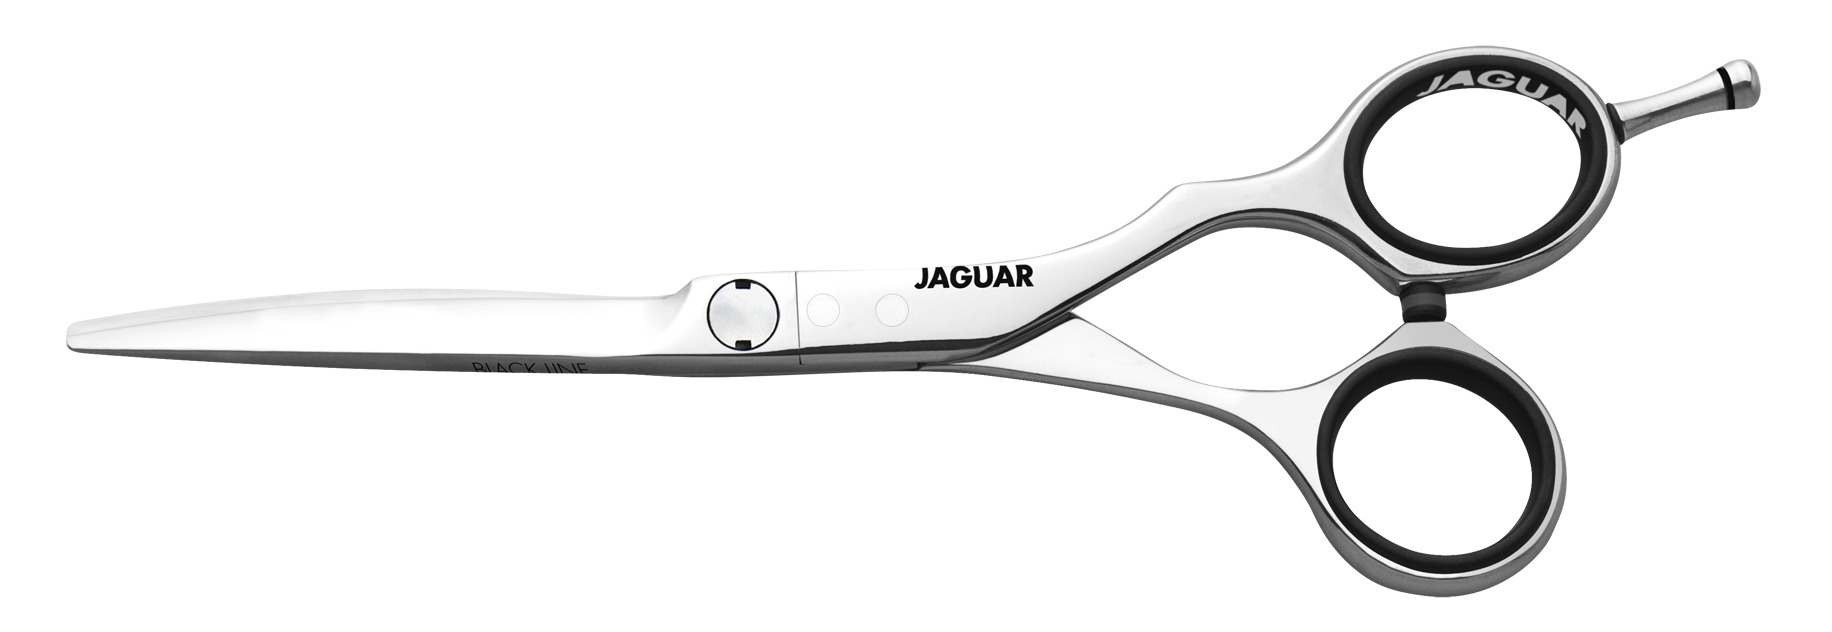 JAGUAR Ножницы A Evolution 5.75' ***** jaguar ножницы jaguar perfect 6 15 5см sl